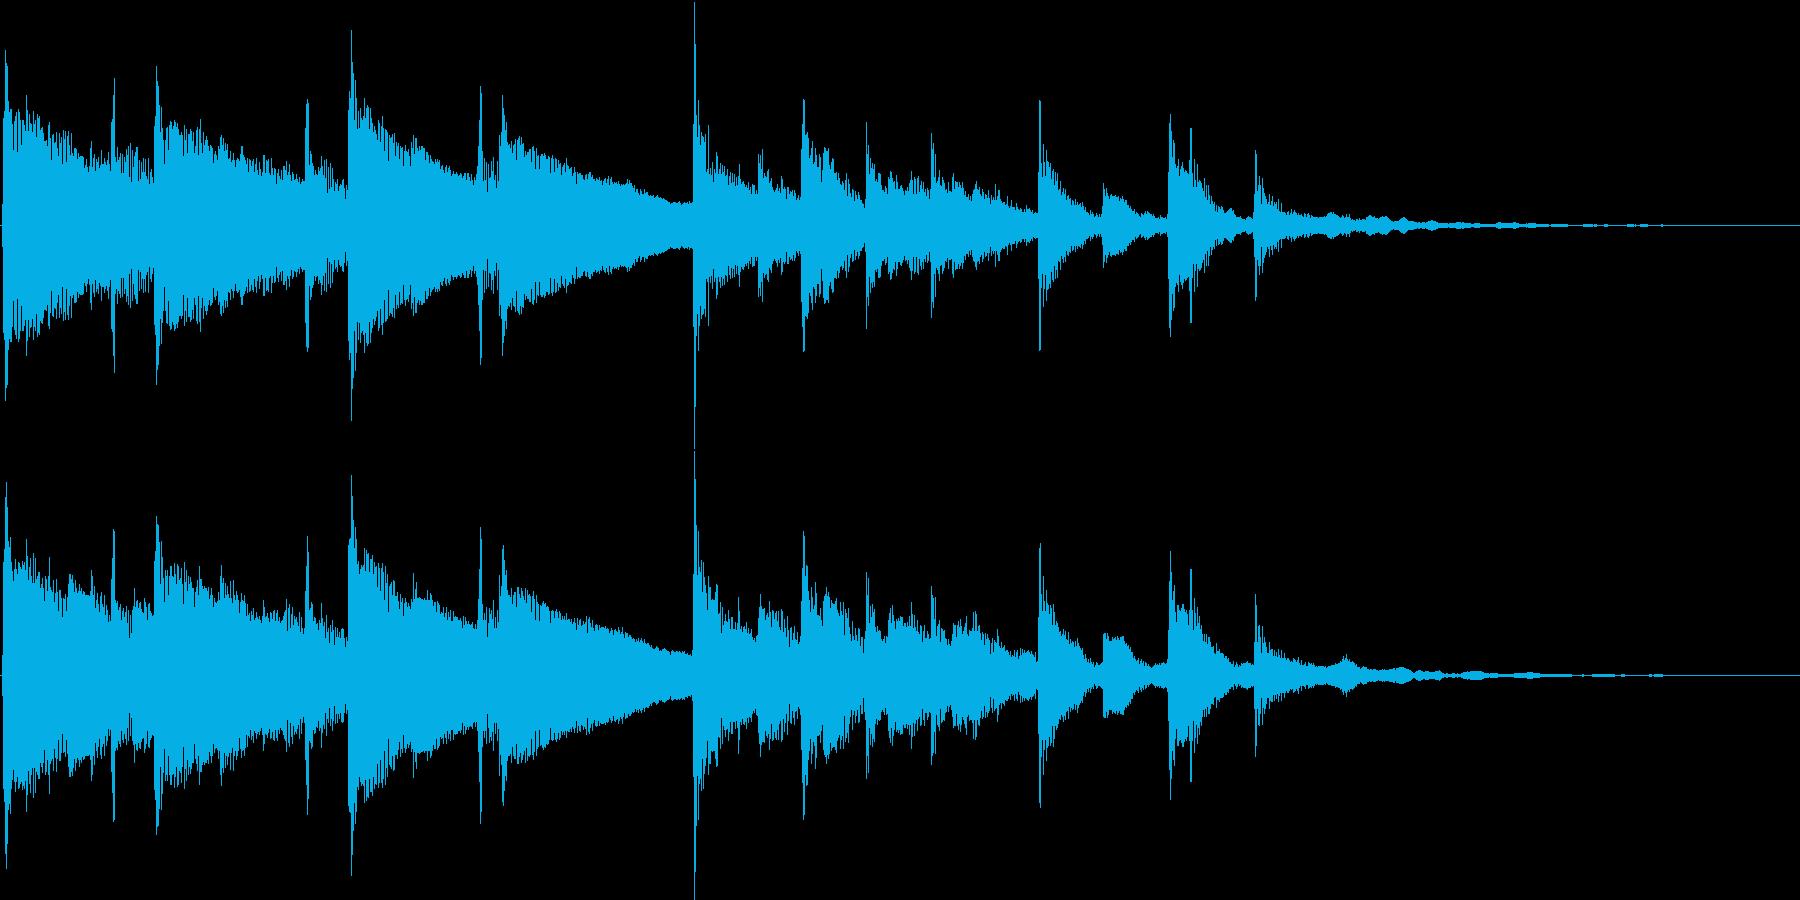 静かな雰囲気のピアノアンビエントの再生済みの波形